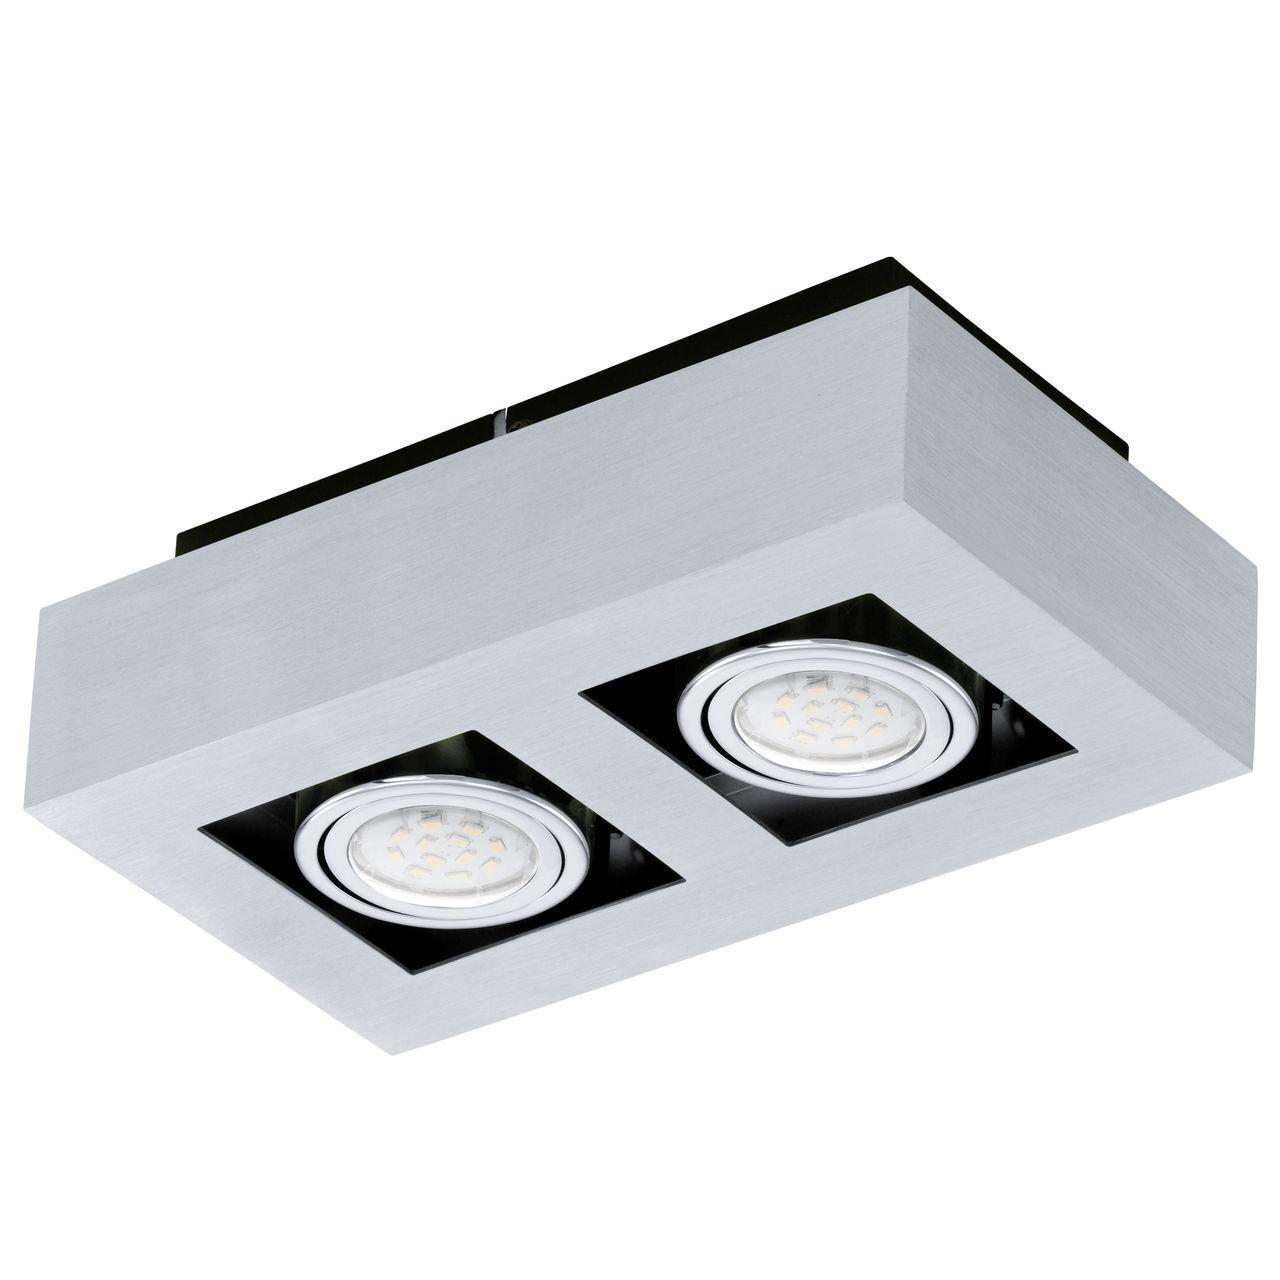 Потолочный светильник Eglo Loke 1 91353 eglo потолочный светильник eglo loke 1 91352